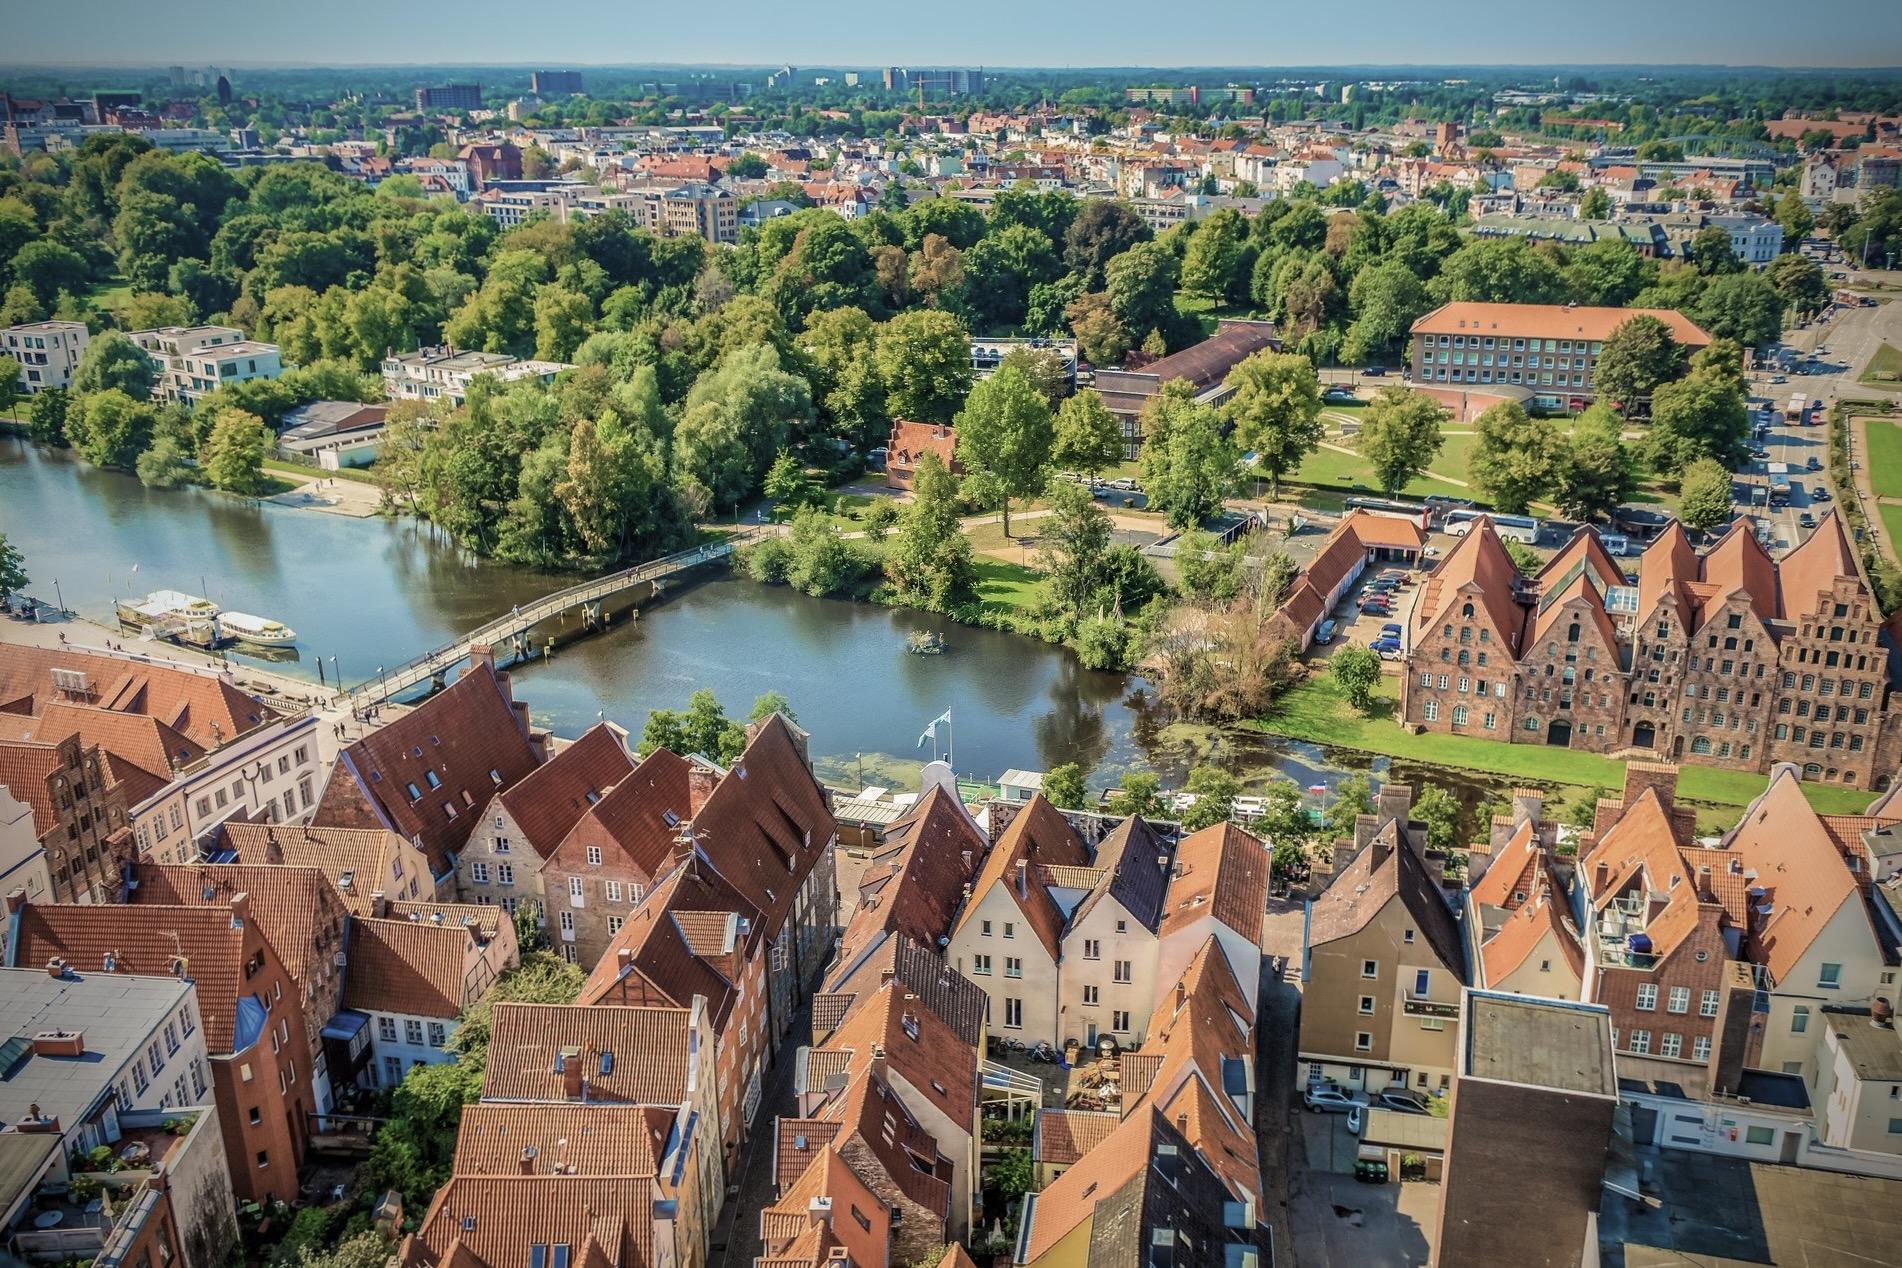 Ein Städtetrip nach Lübeck ist eine tolle Idee